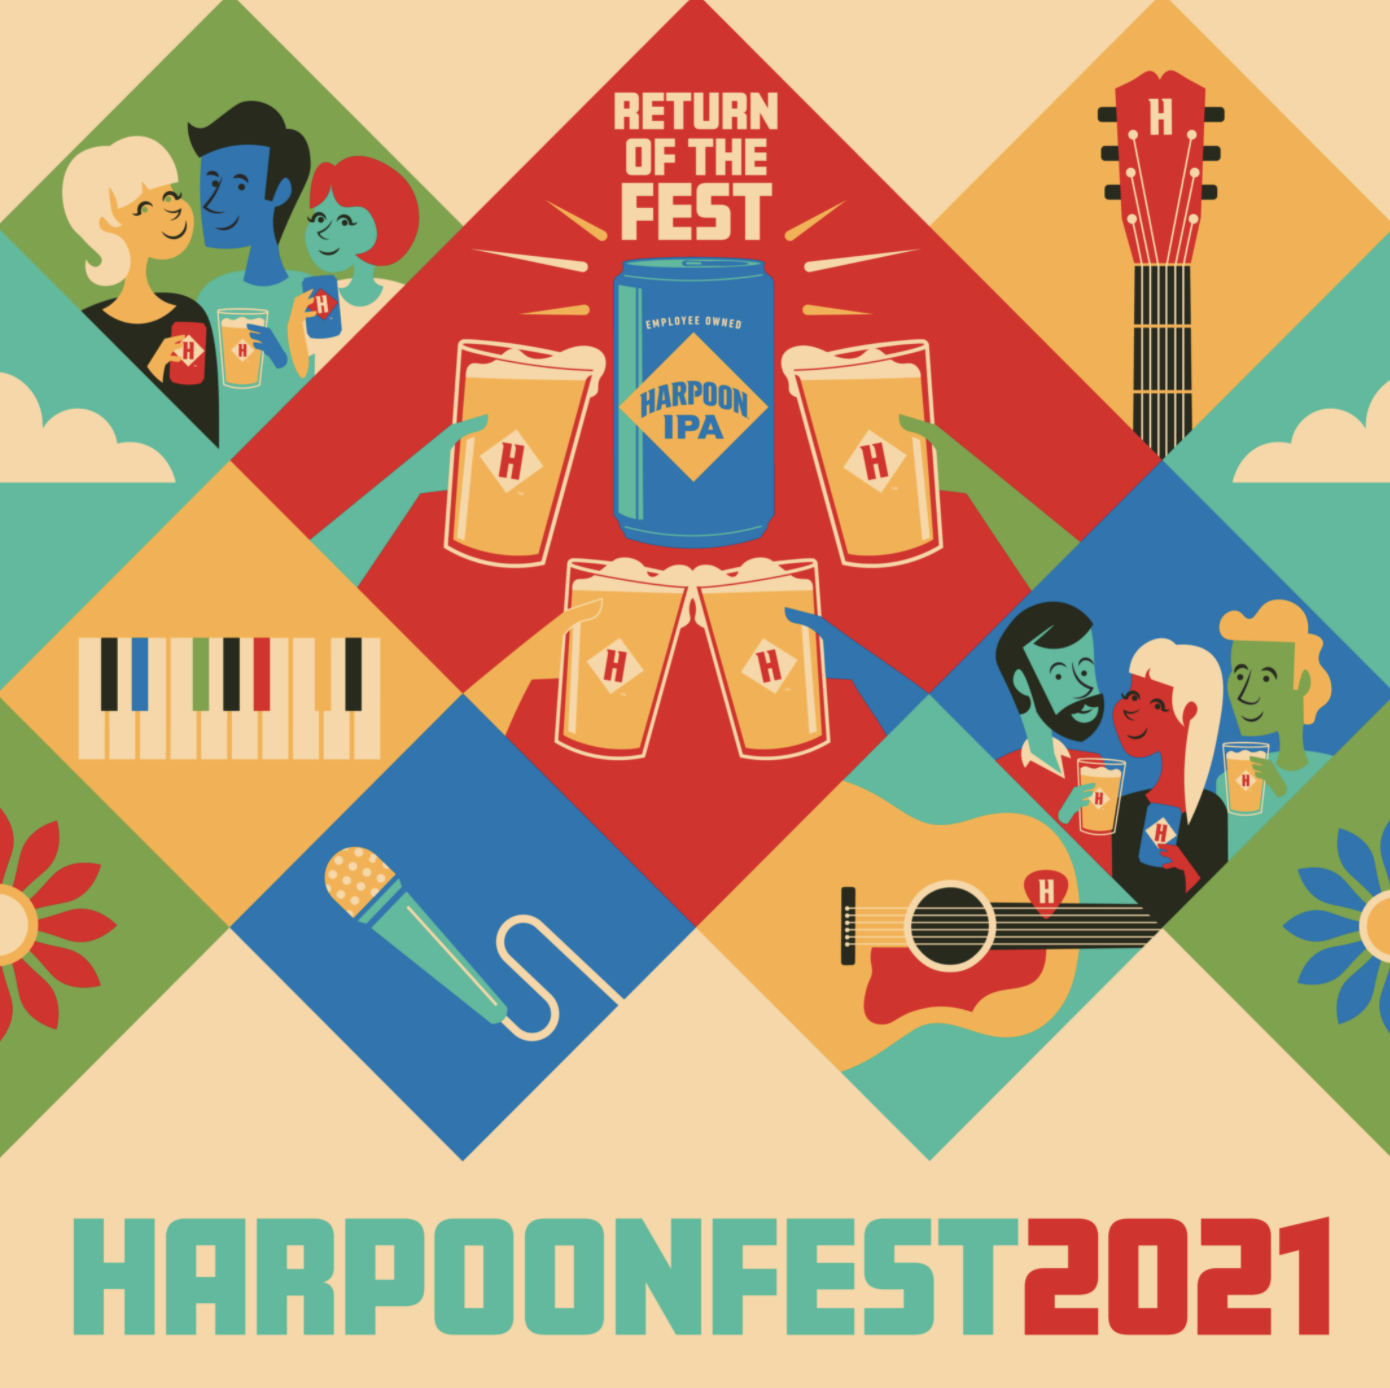 HarpoonFest